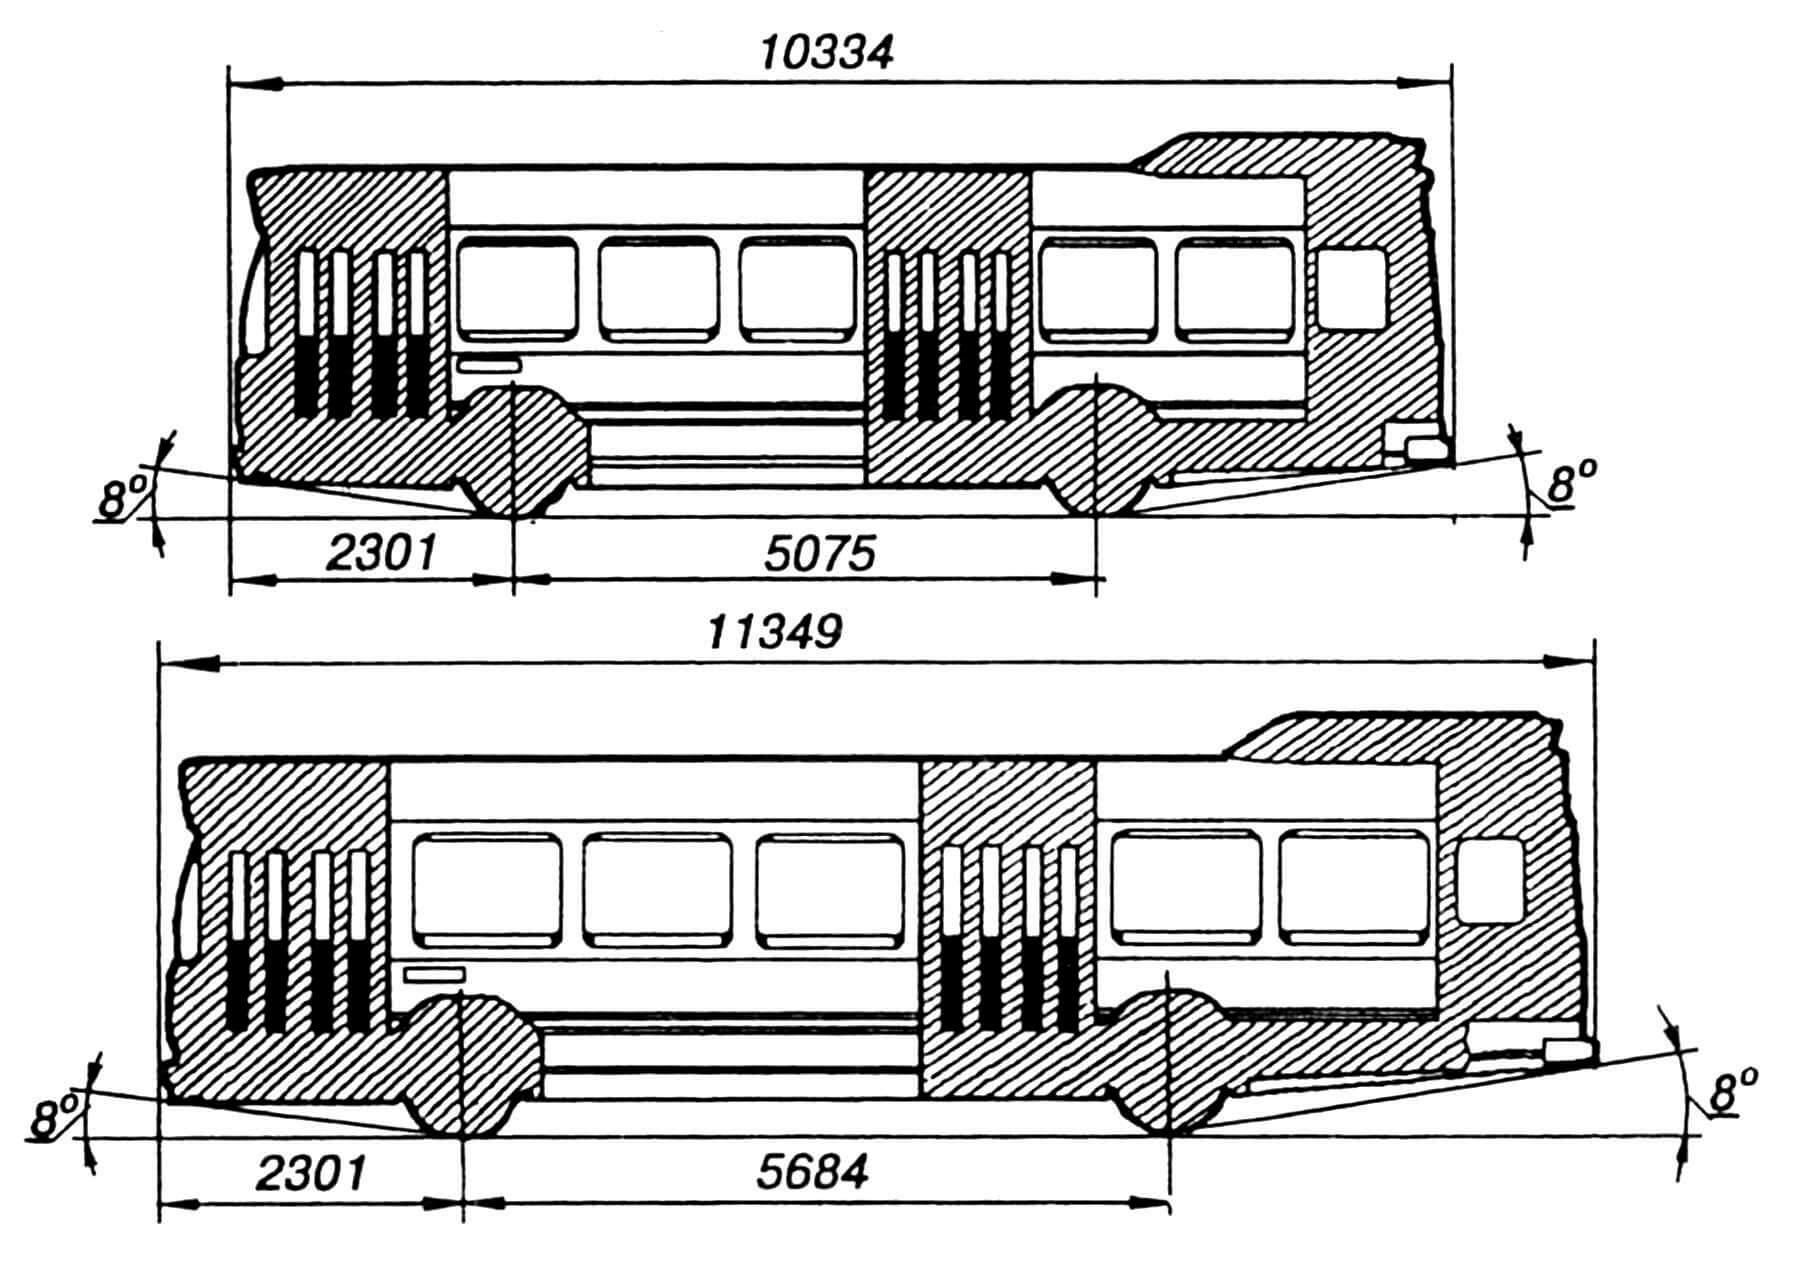 Схема унификации автобусов длиной 10,3 и 11,3 м.